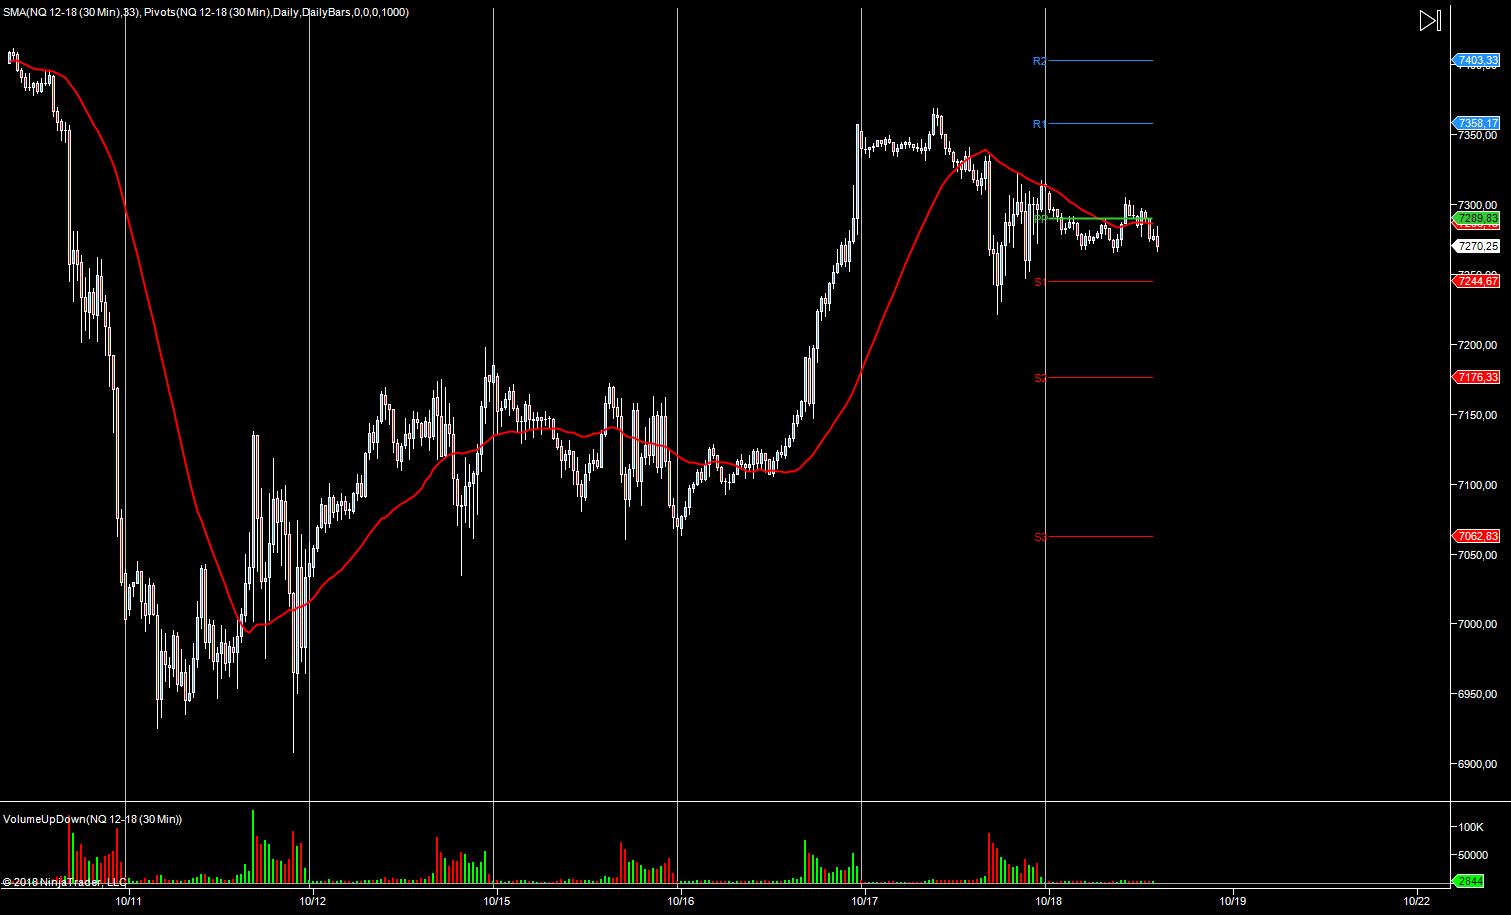 wykres NASDAQ M5 18.10.2018